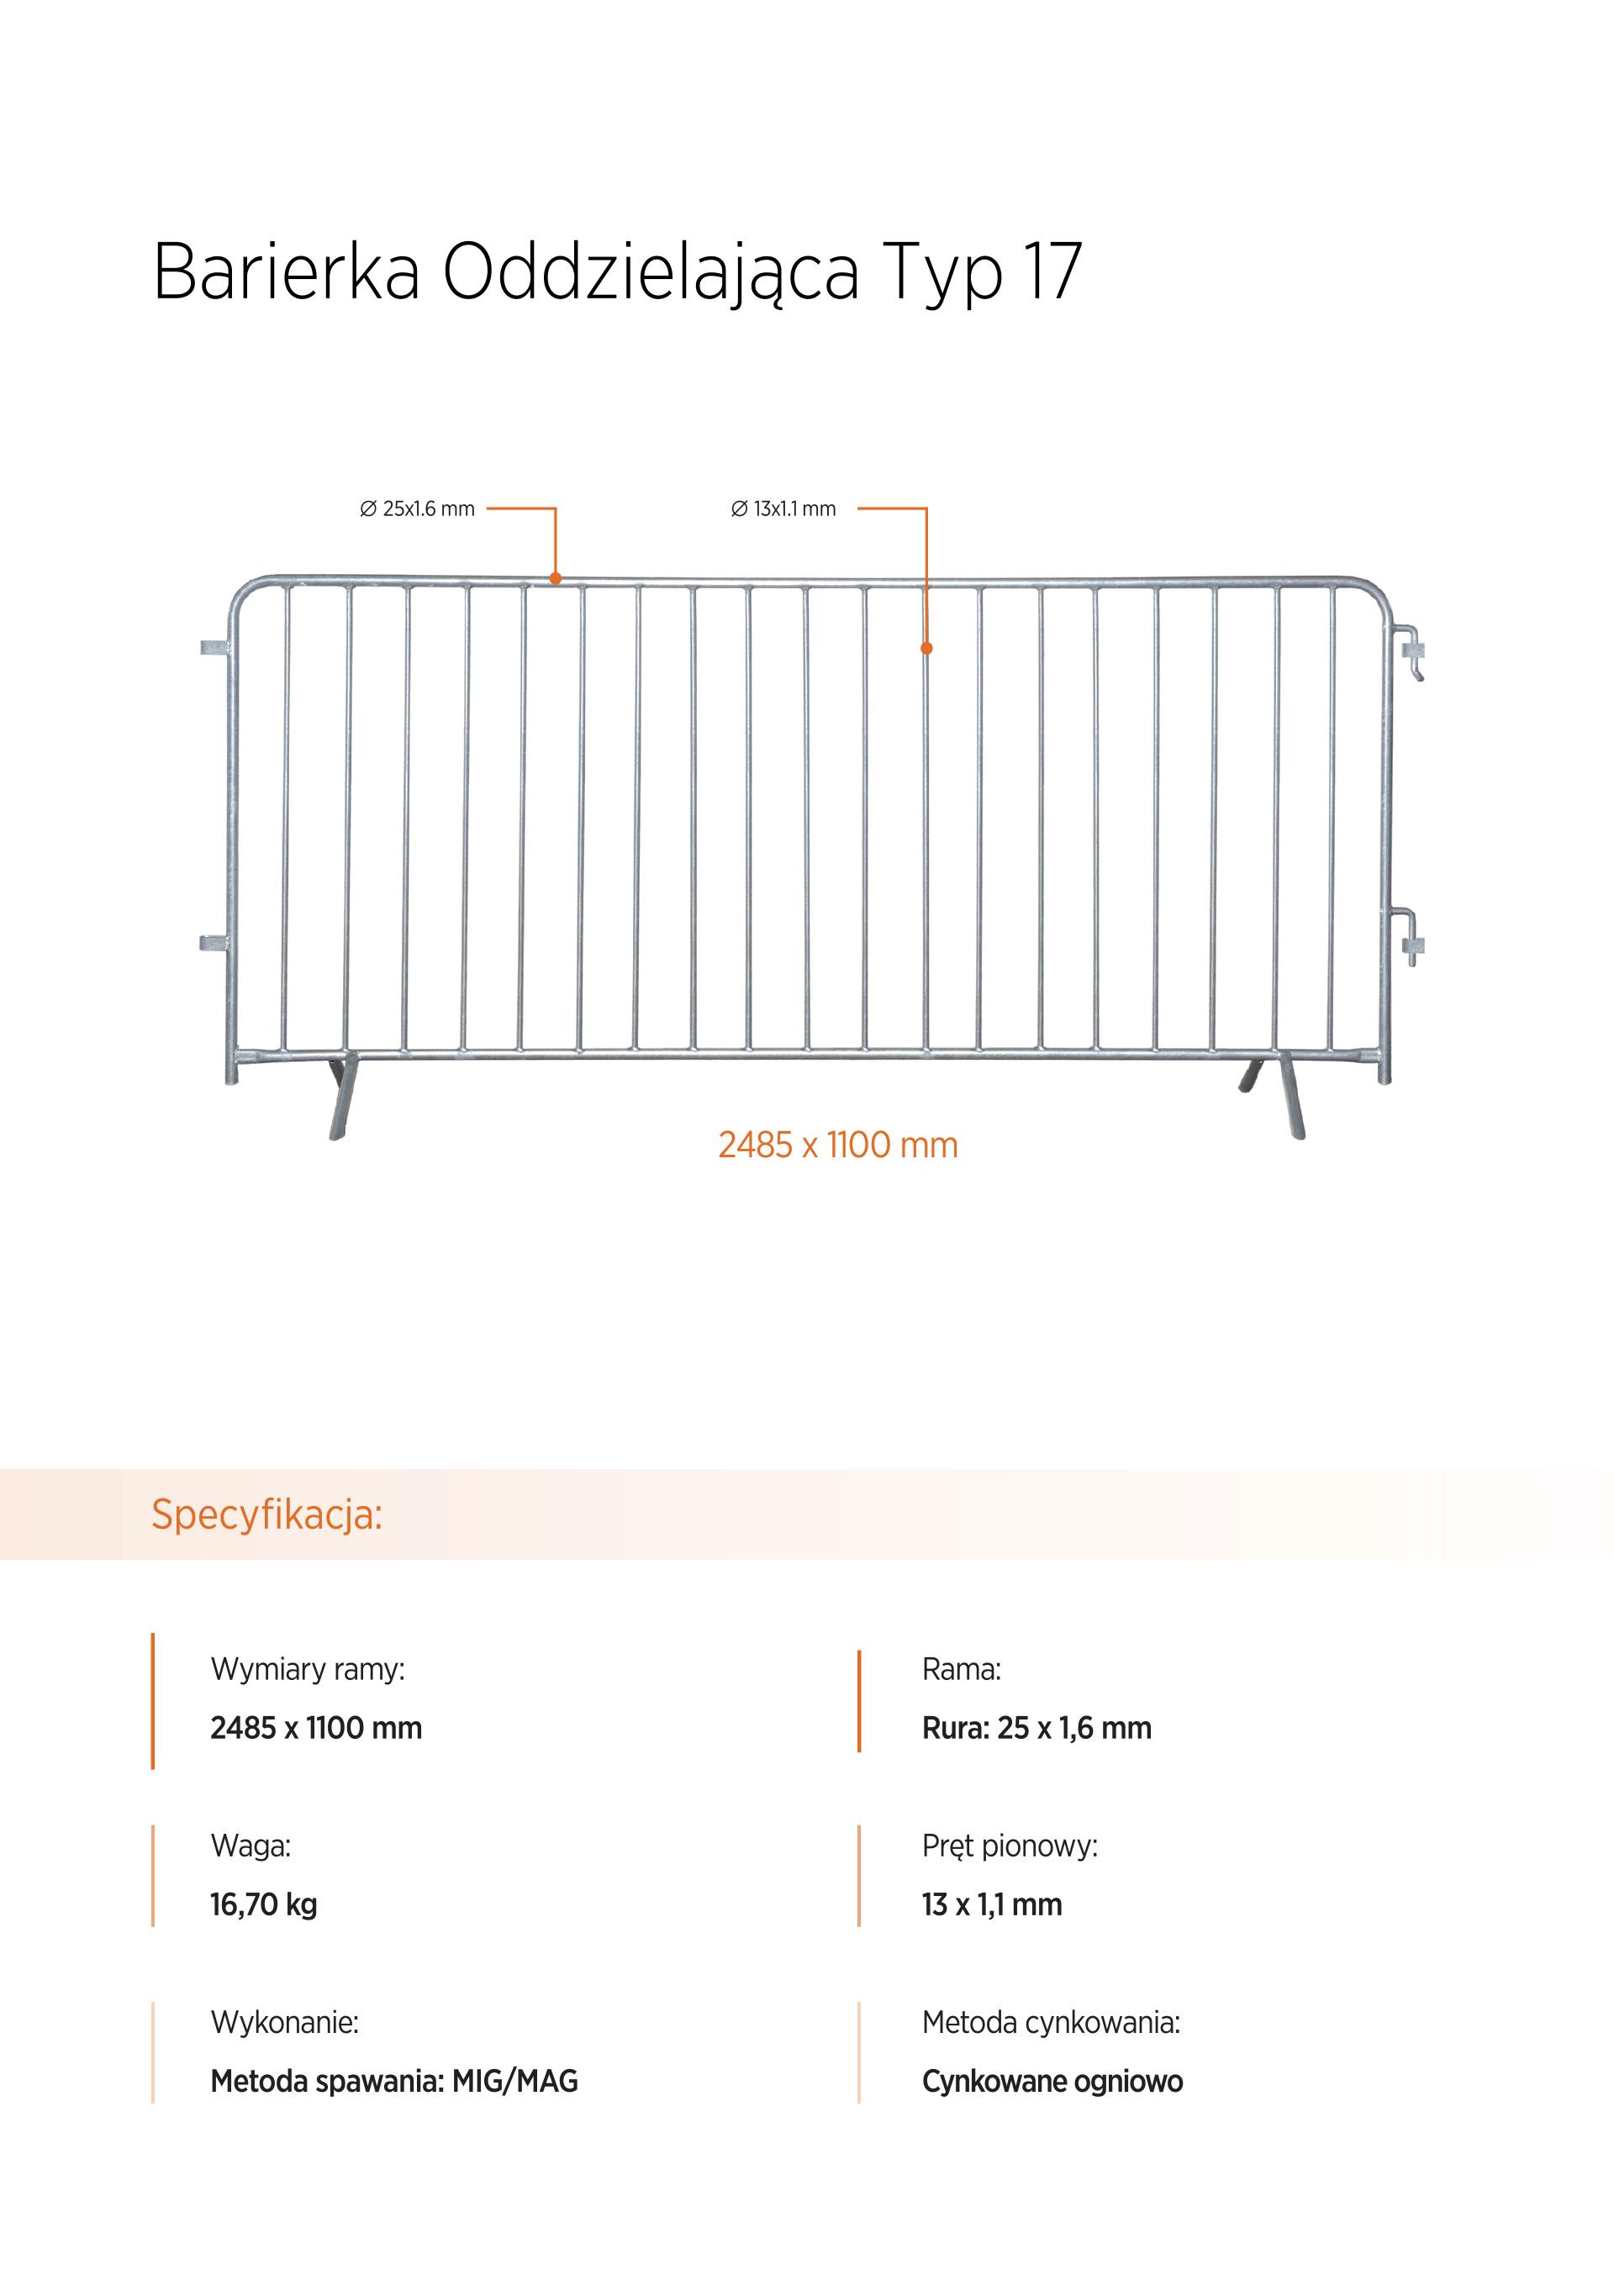 barierka eventowa - Ogrodzenia tymczasowe Tomaszów Mazowiecki